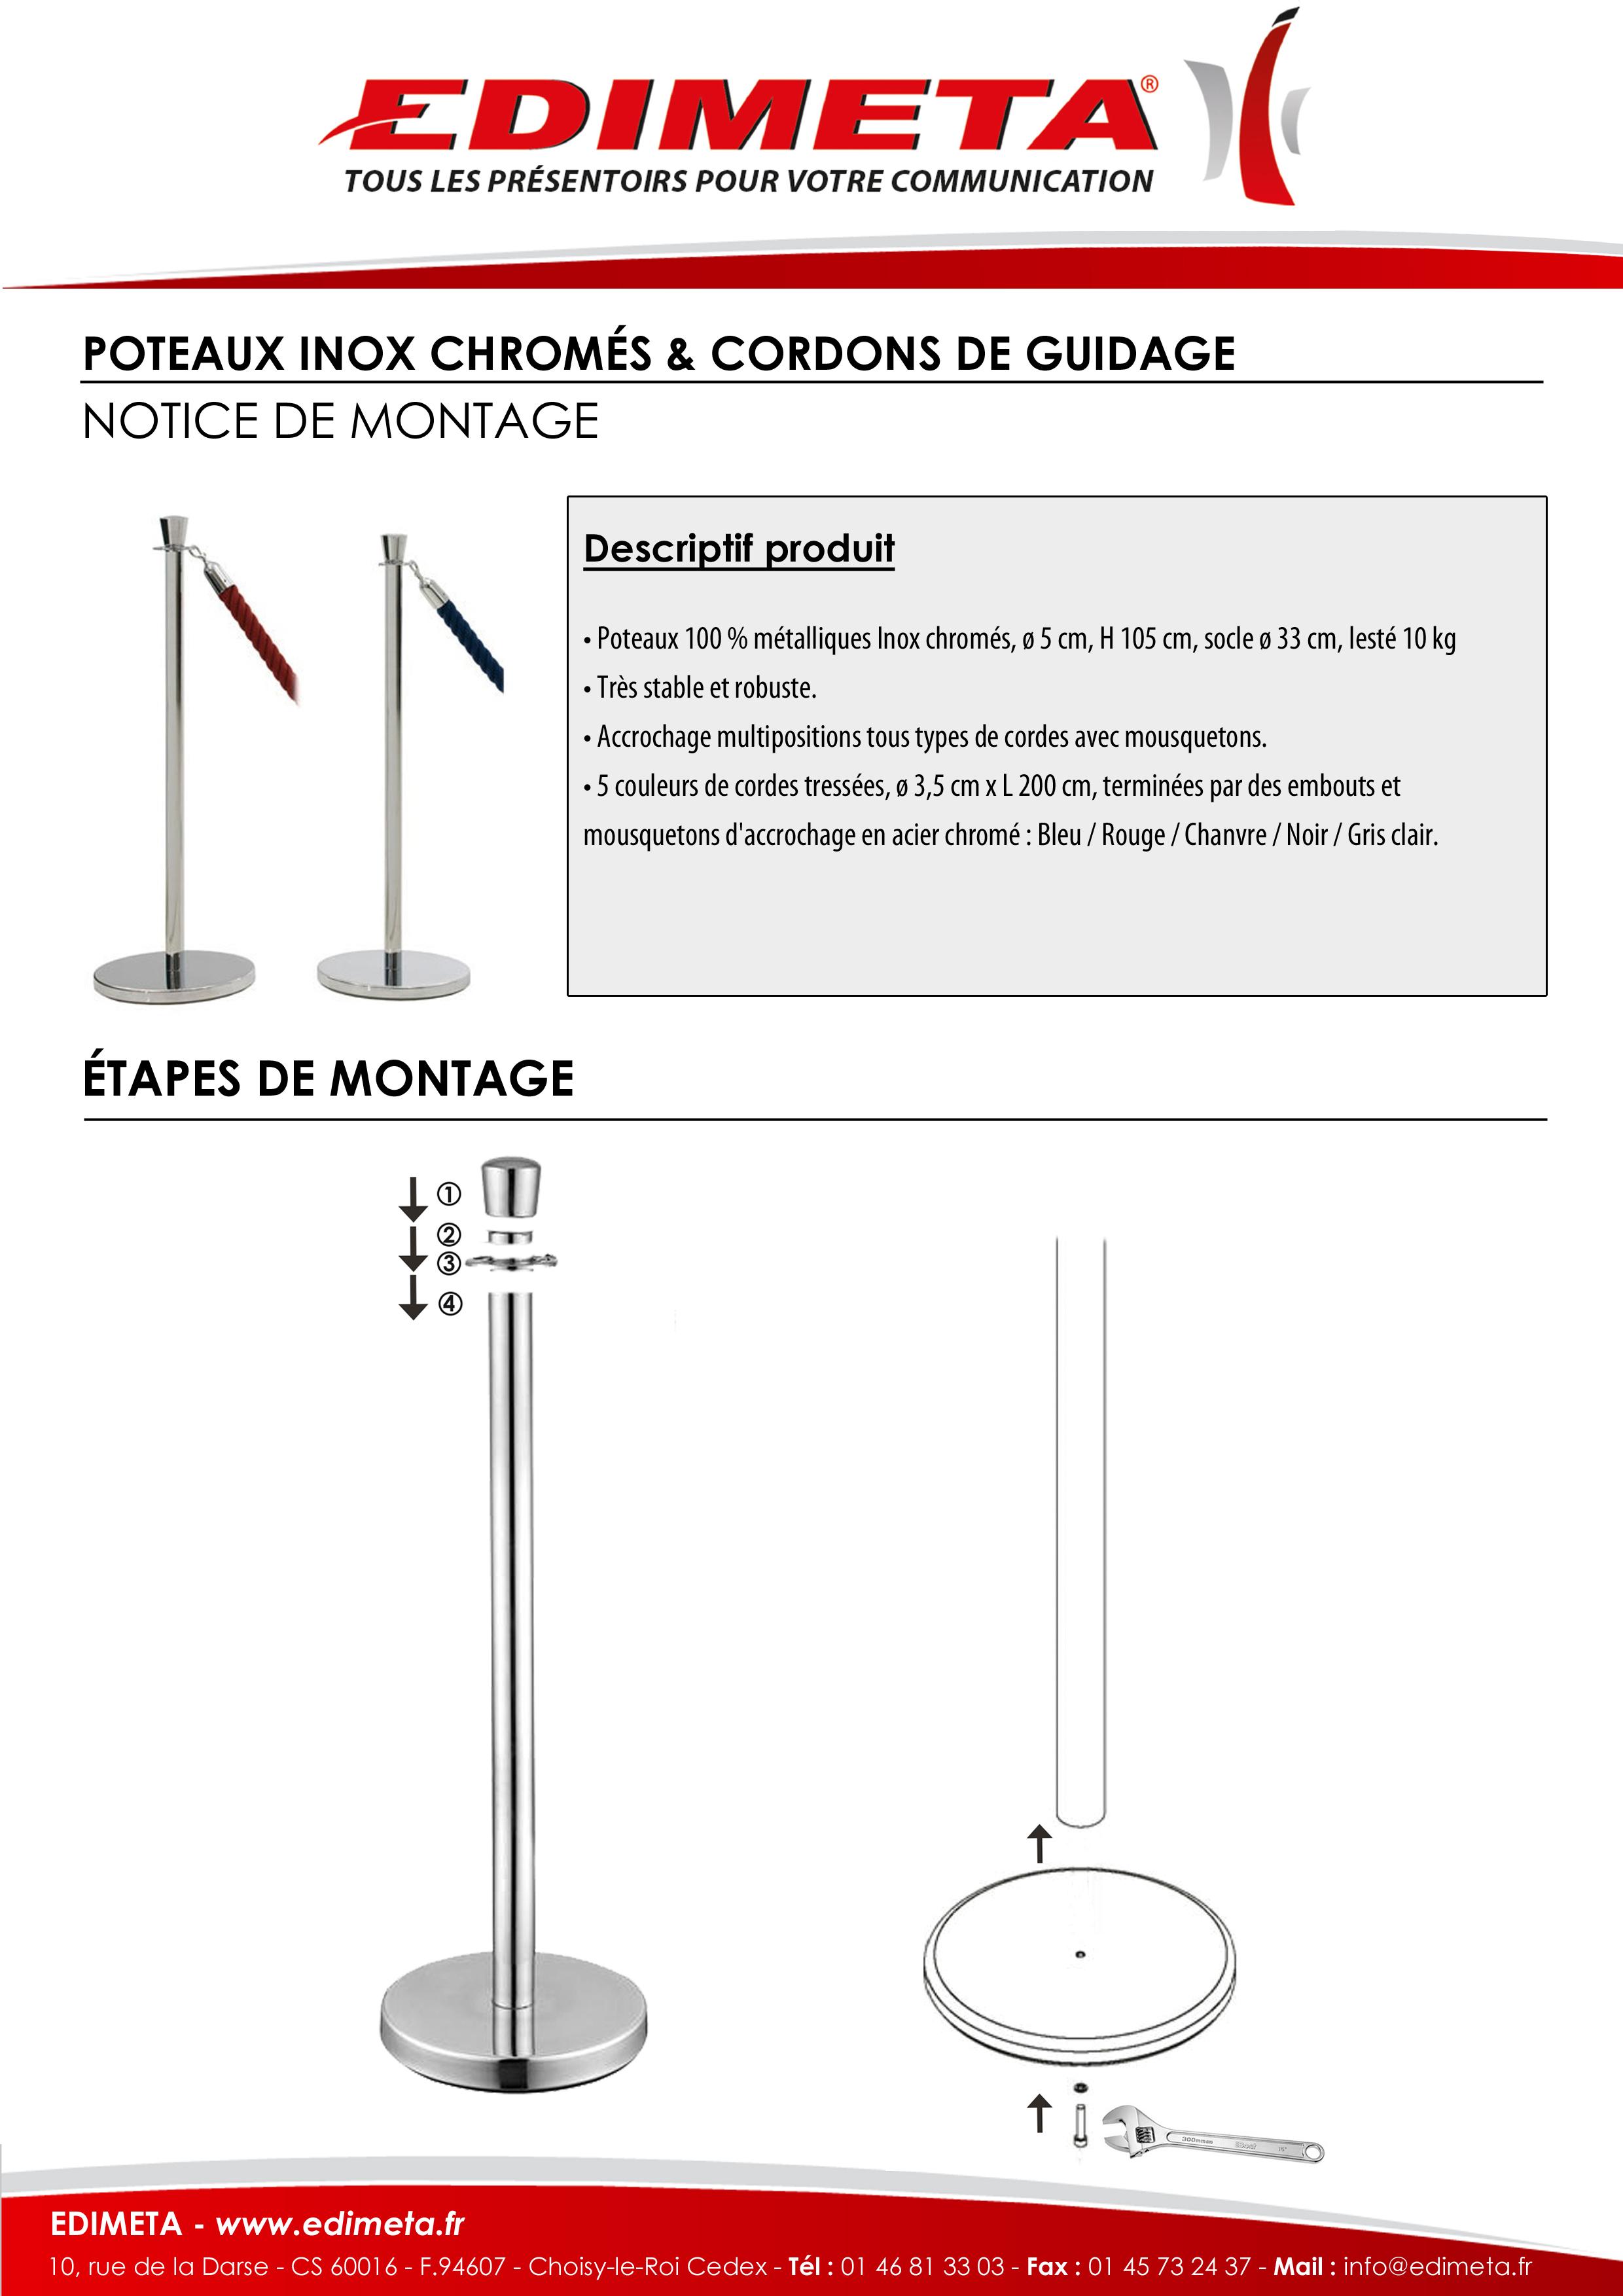 NOTICE DE MONTAGE : POTEAUX INOX CHROMÉS & CORDONS DE GUIDAGE